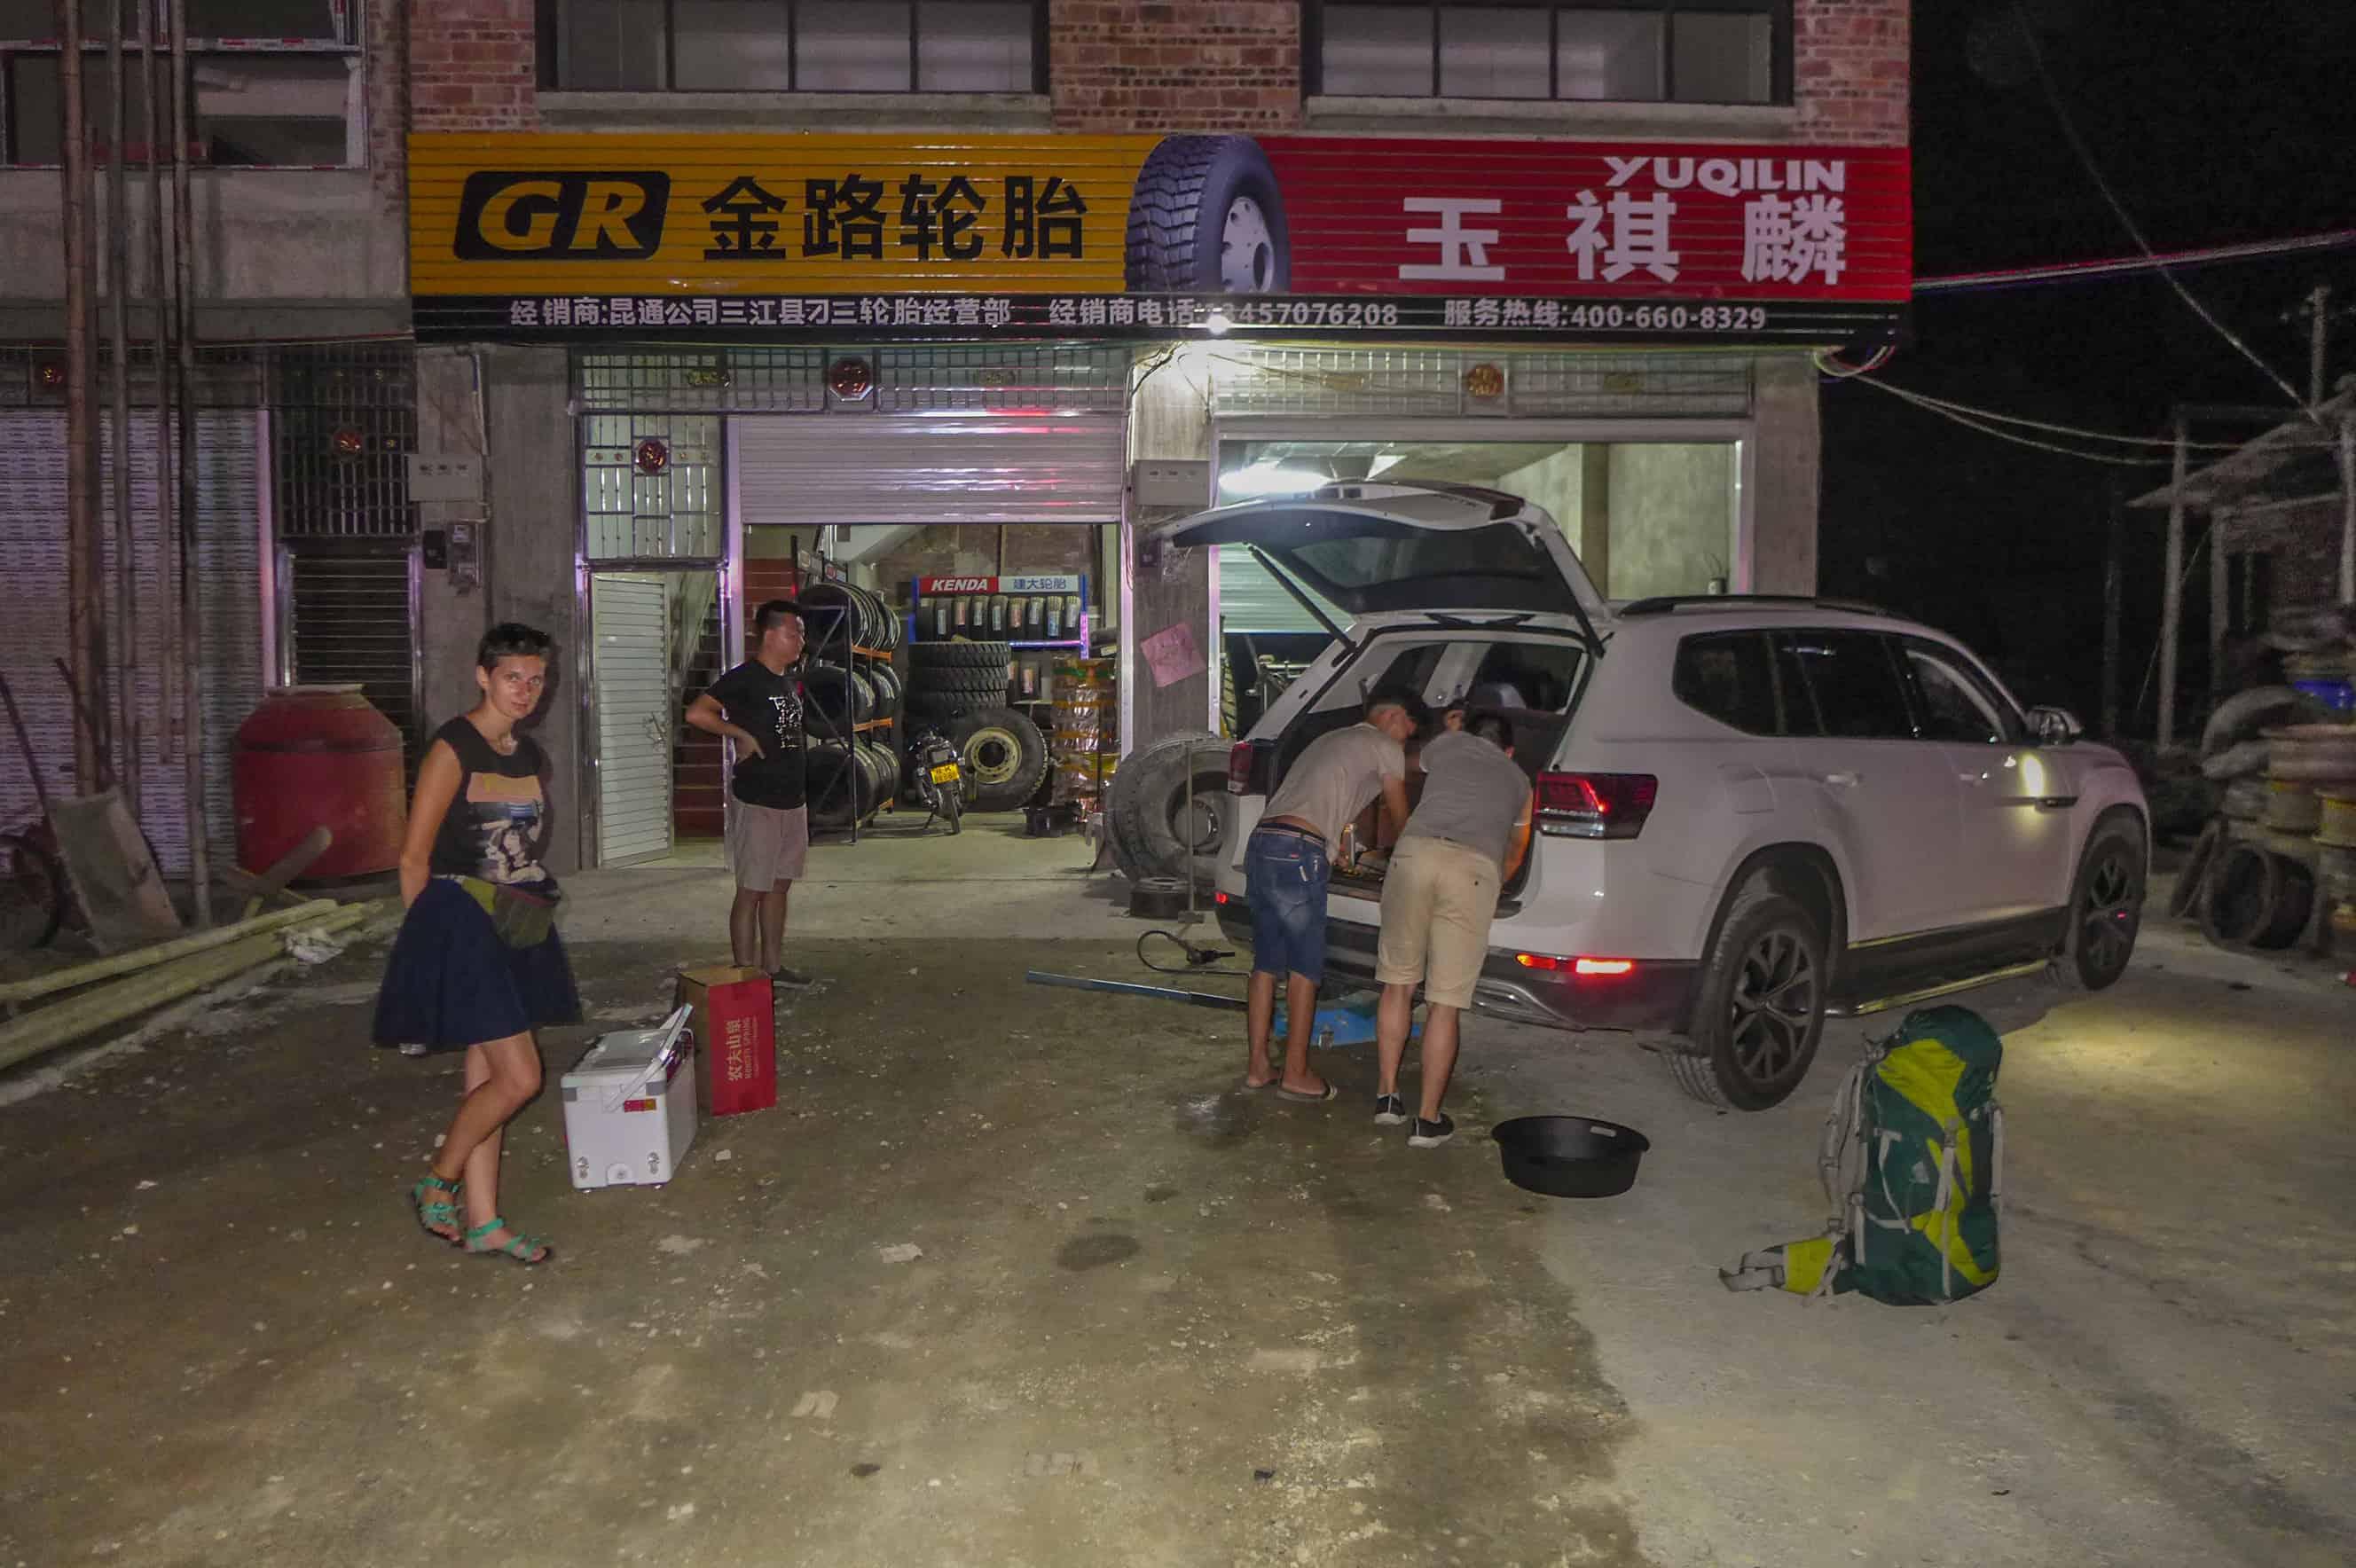 Chiny autostopem